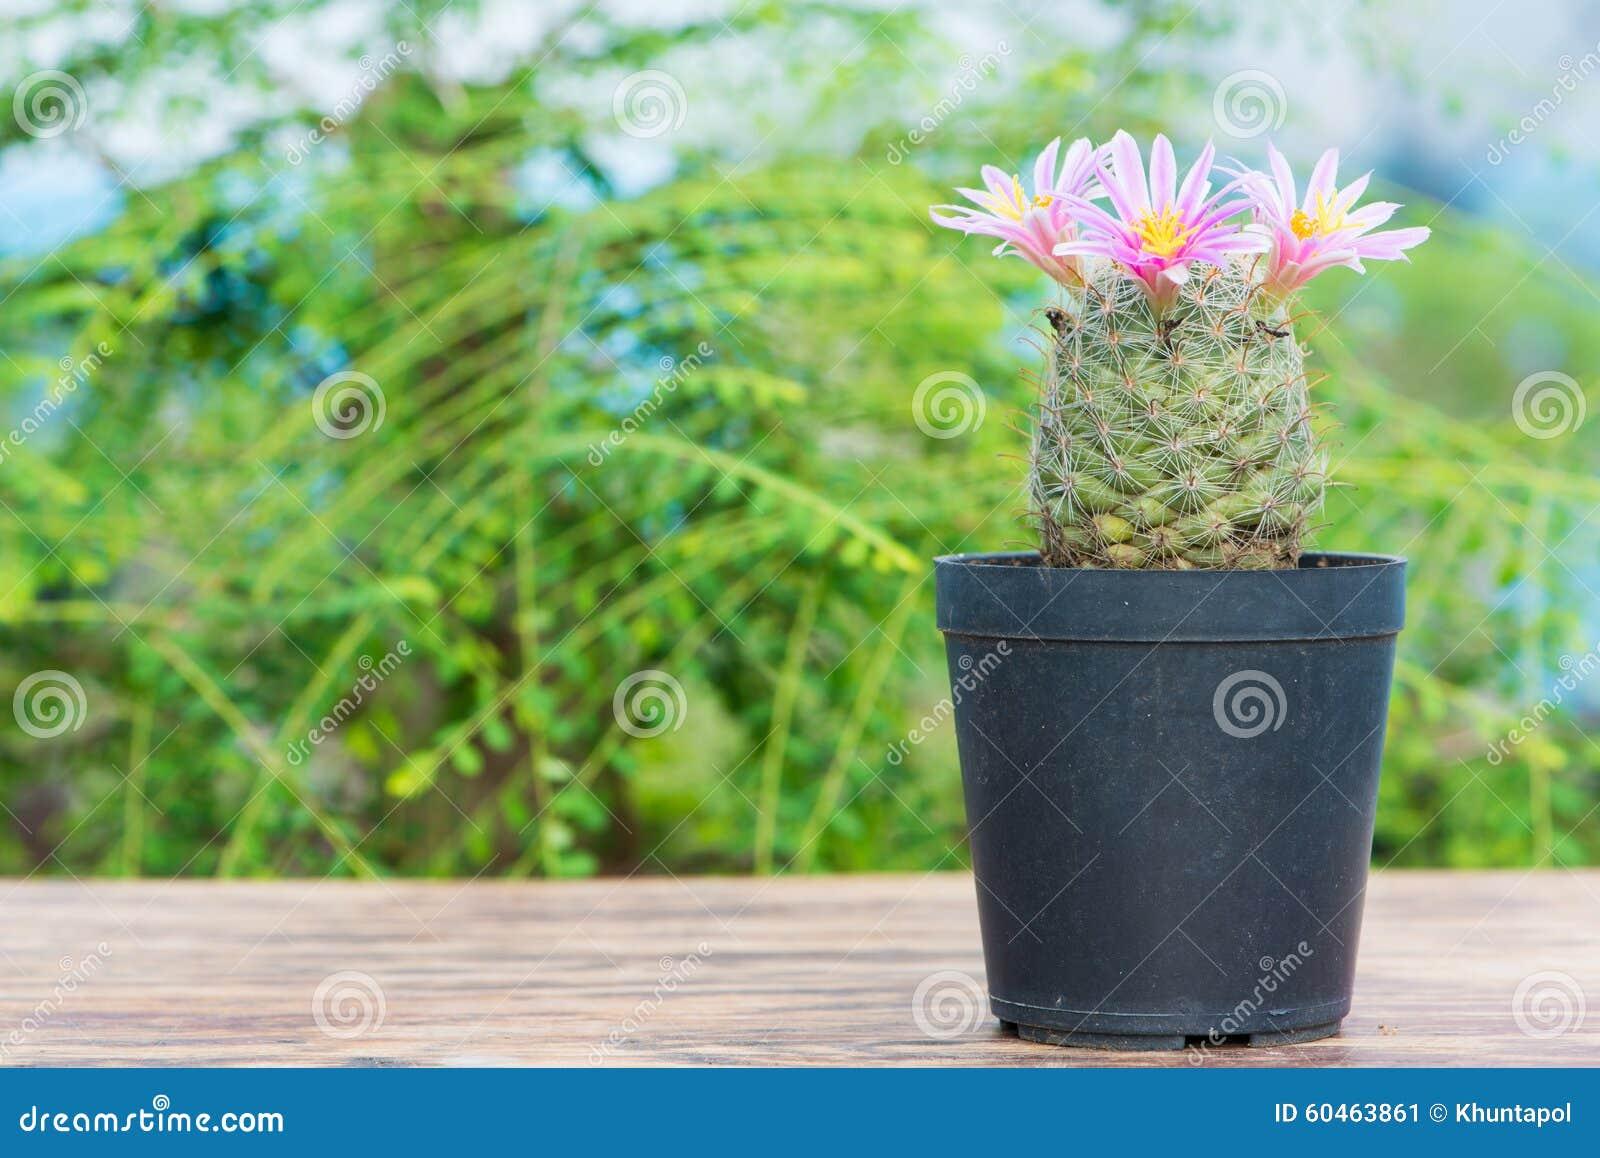 Cactus Avec La Fleur Rose Dans Le Pot De Fleur Image Stock Image